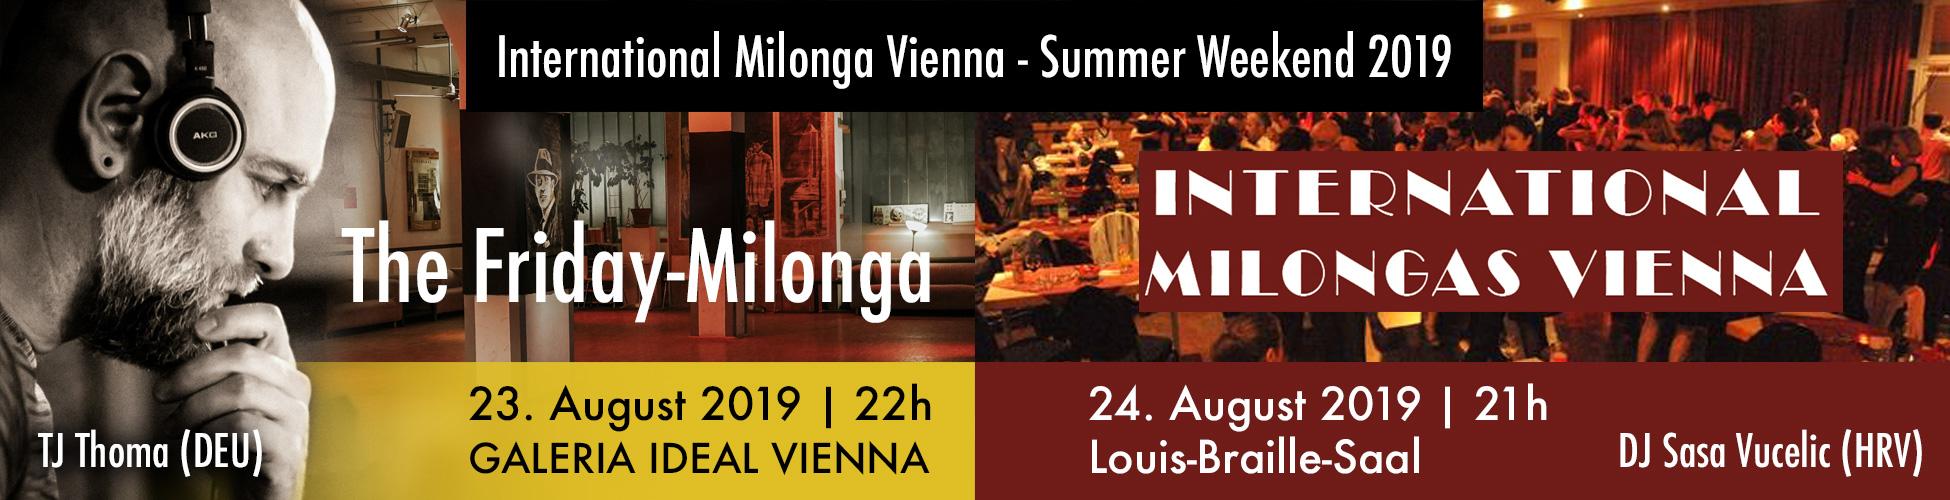 banner-milonga-vienna